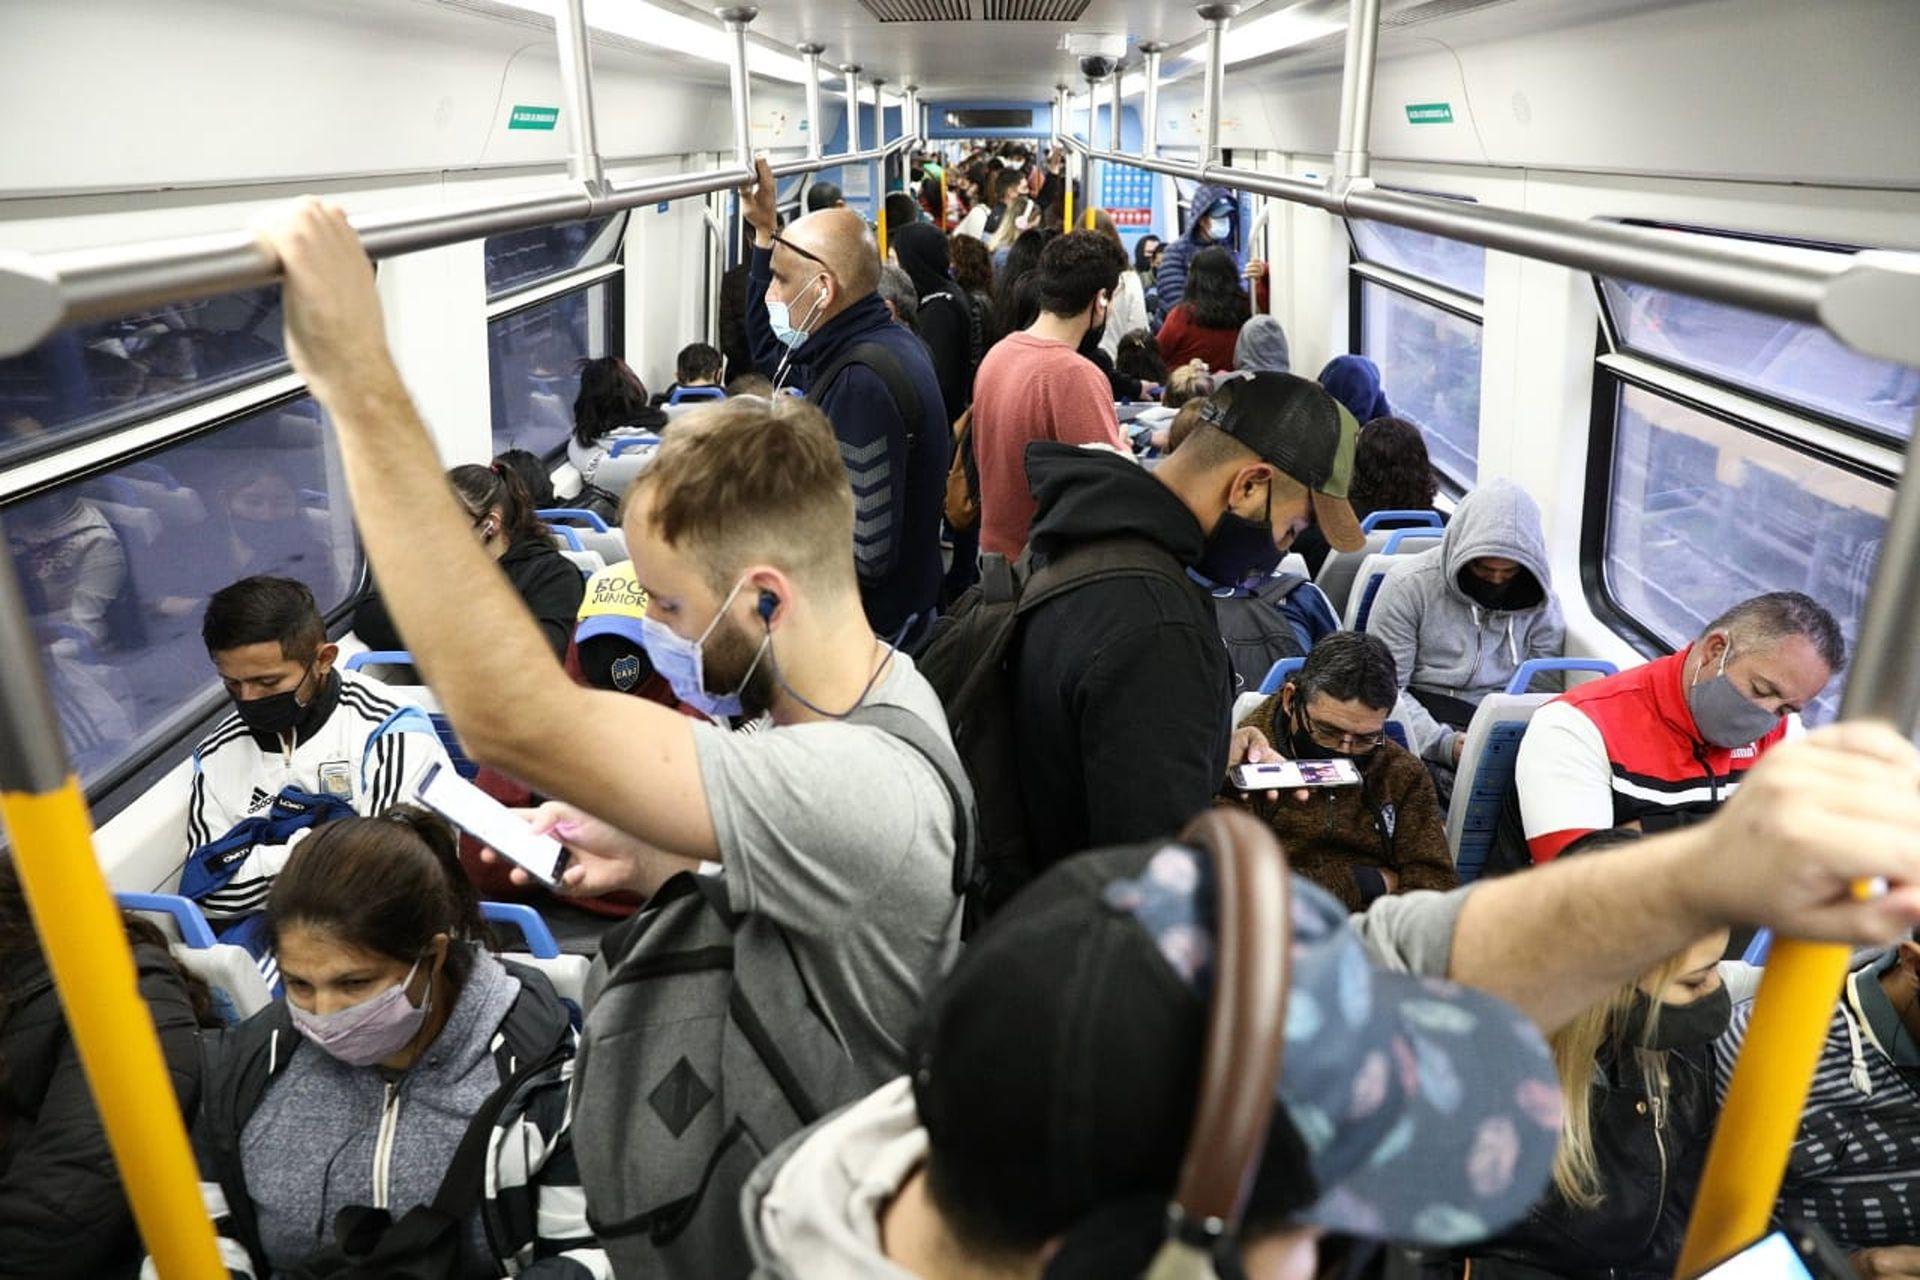 Así viajaron los pasajeros del tren Sarmiento, tras el decreto que amplía las medidas restrictivas por el avance de coronavirus, entre las cuales se anularon las clases presenciales